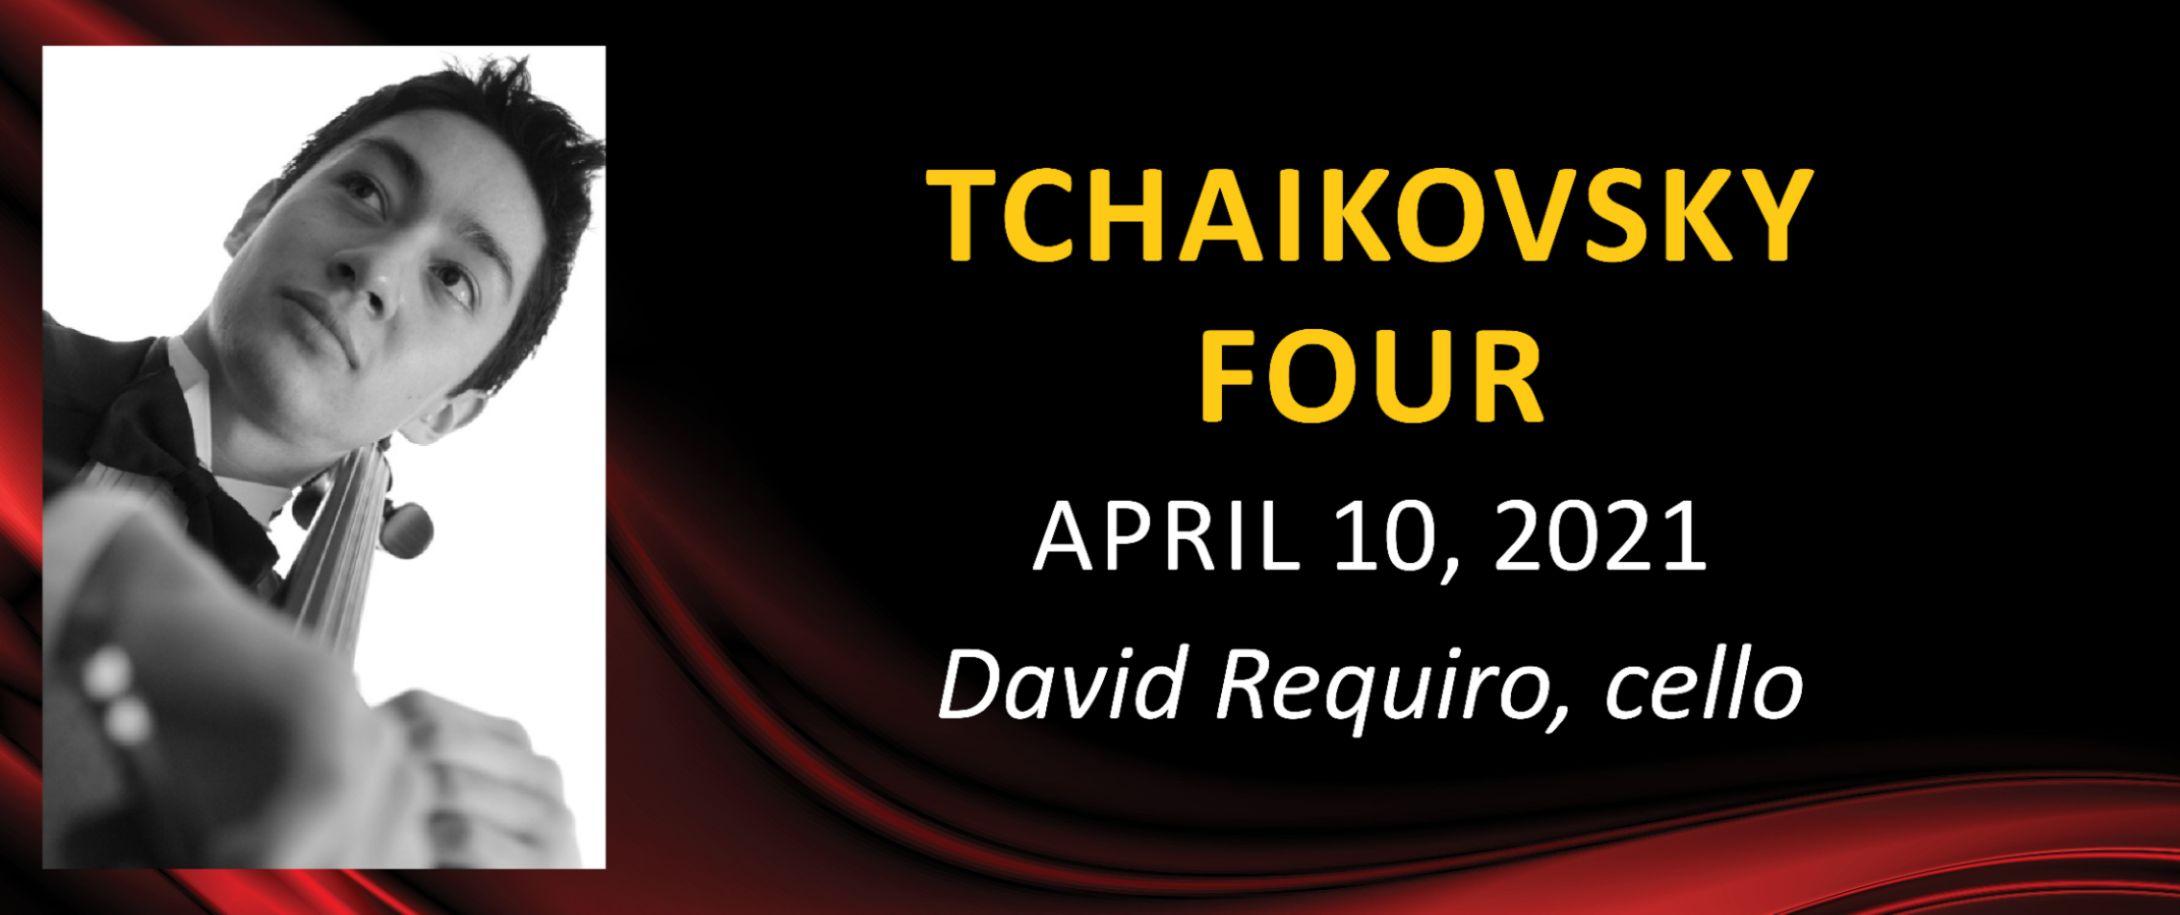 Tchaikovsky Four